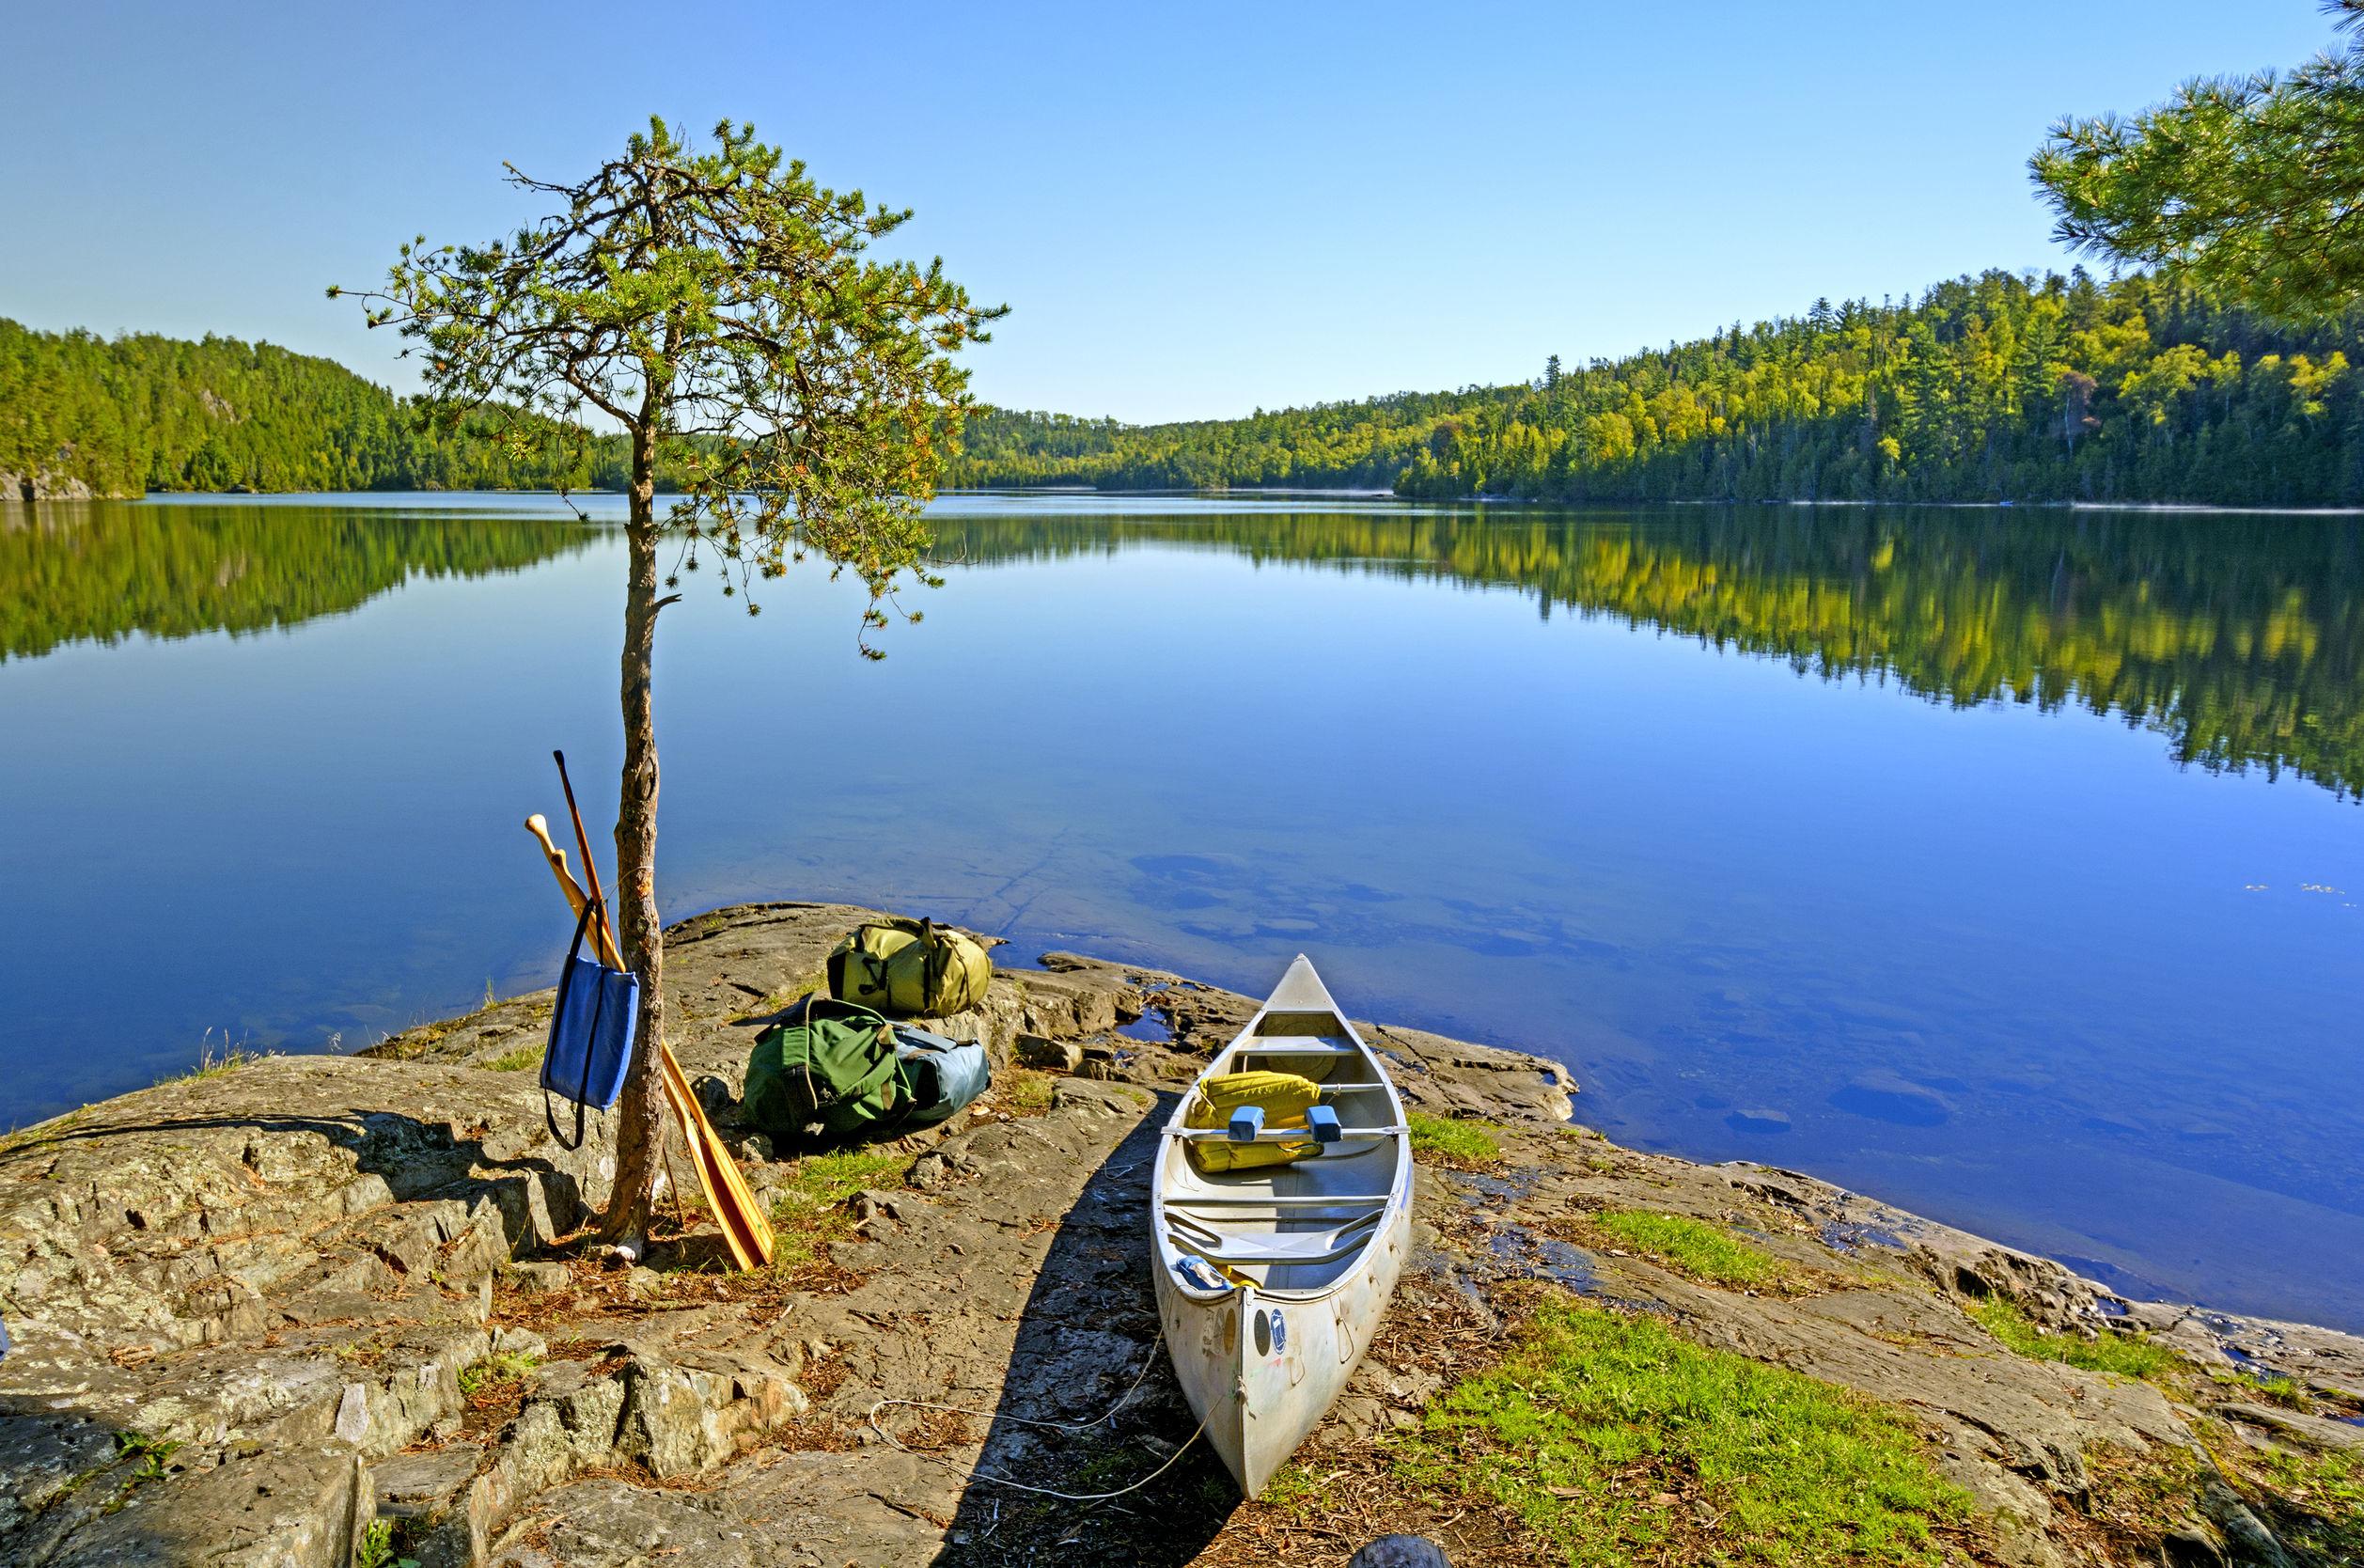 boat-lake-minnesota-usa